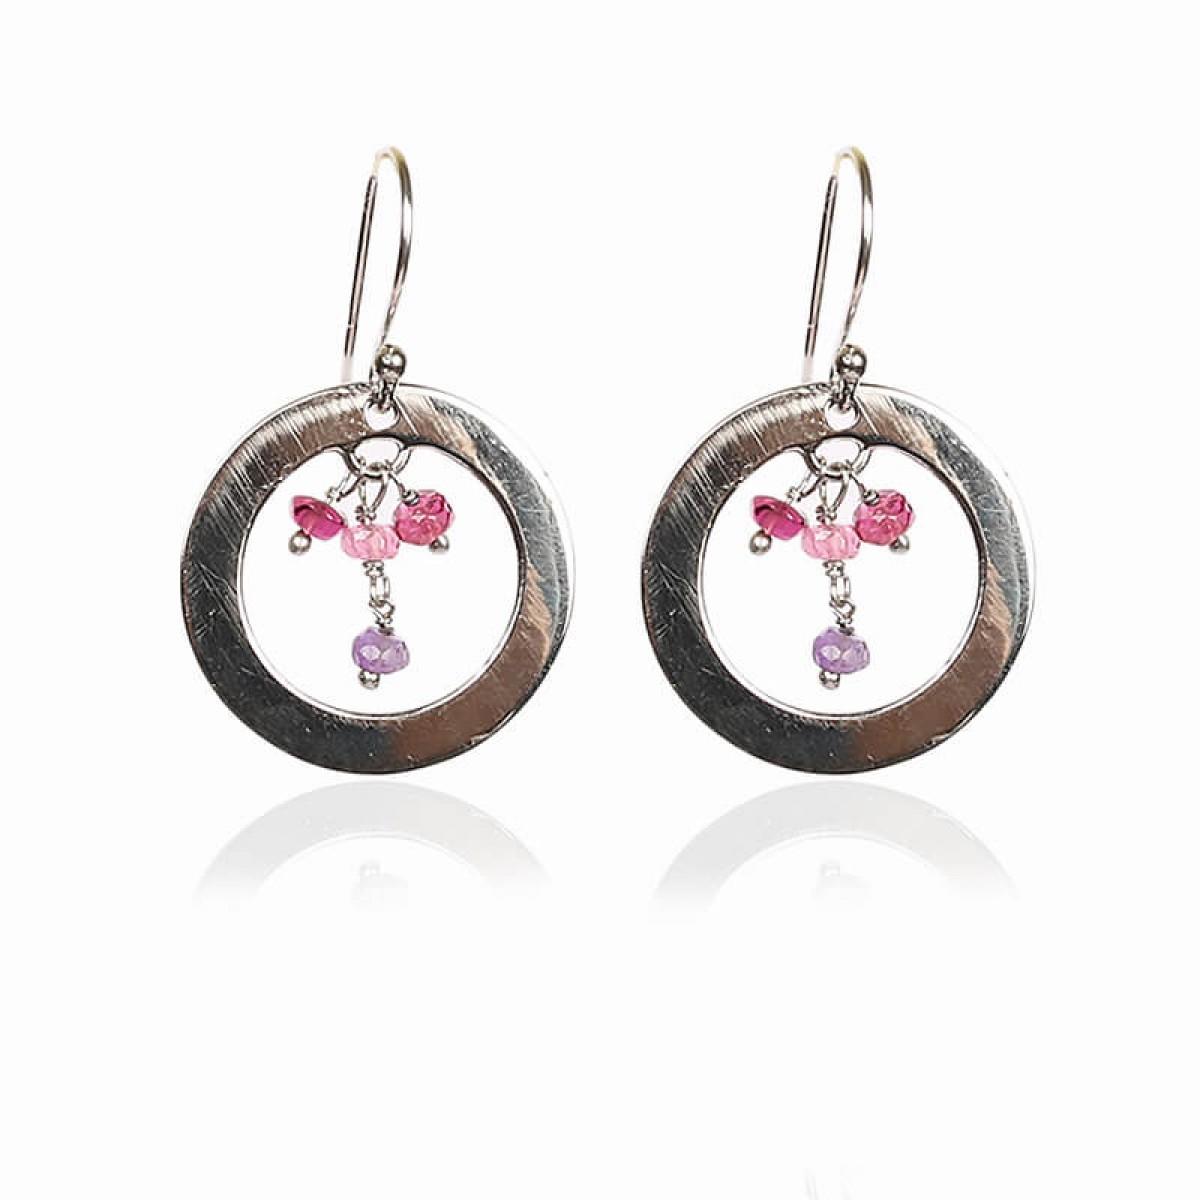 Gemstone Ruby Earrings - Silver